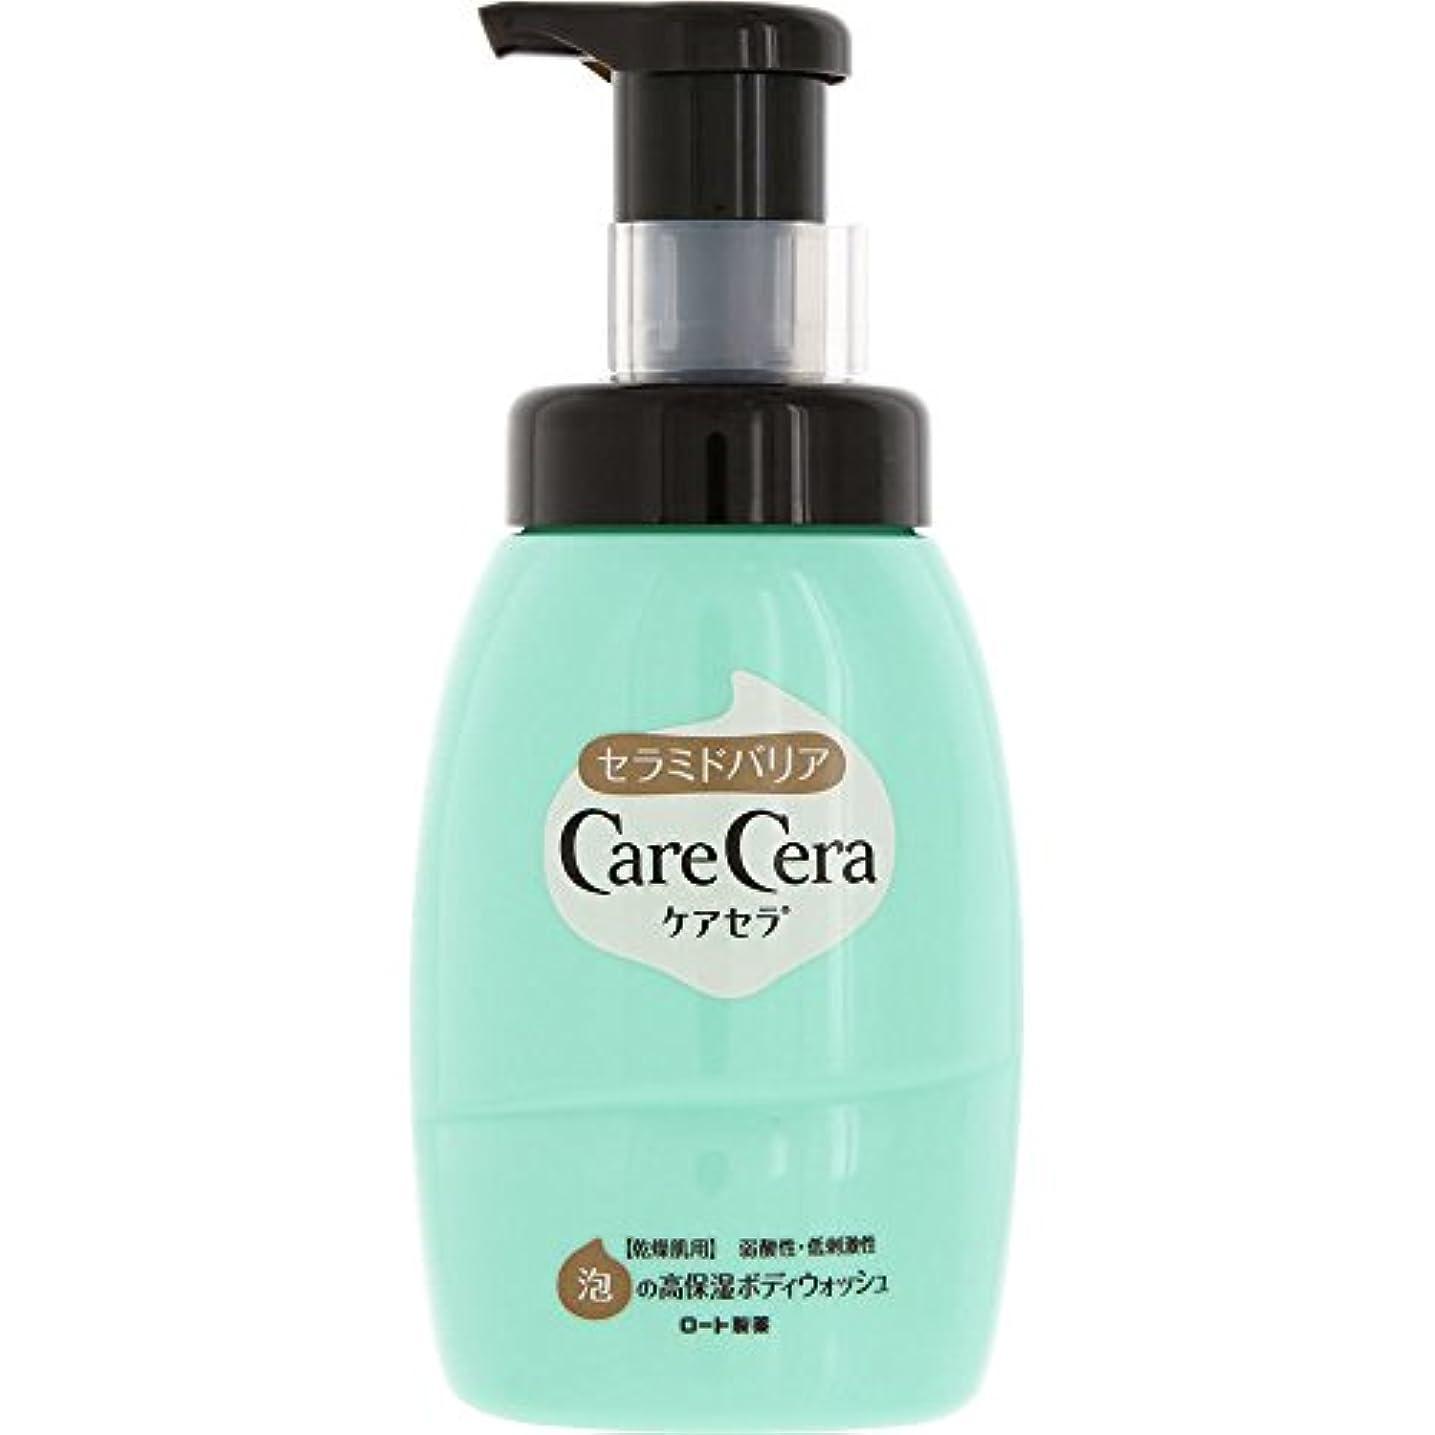 無力アクセル丁寧ケアセラ(CareCera) ロート製薬 ケアセラ  天然型セラミド7種配合 セラミド濃度10倍泡の高保湿 全身ボディウォッシュ ピュアフローラルの香り お試し企画品 300mL